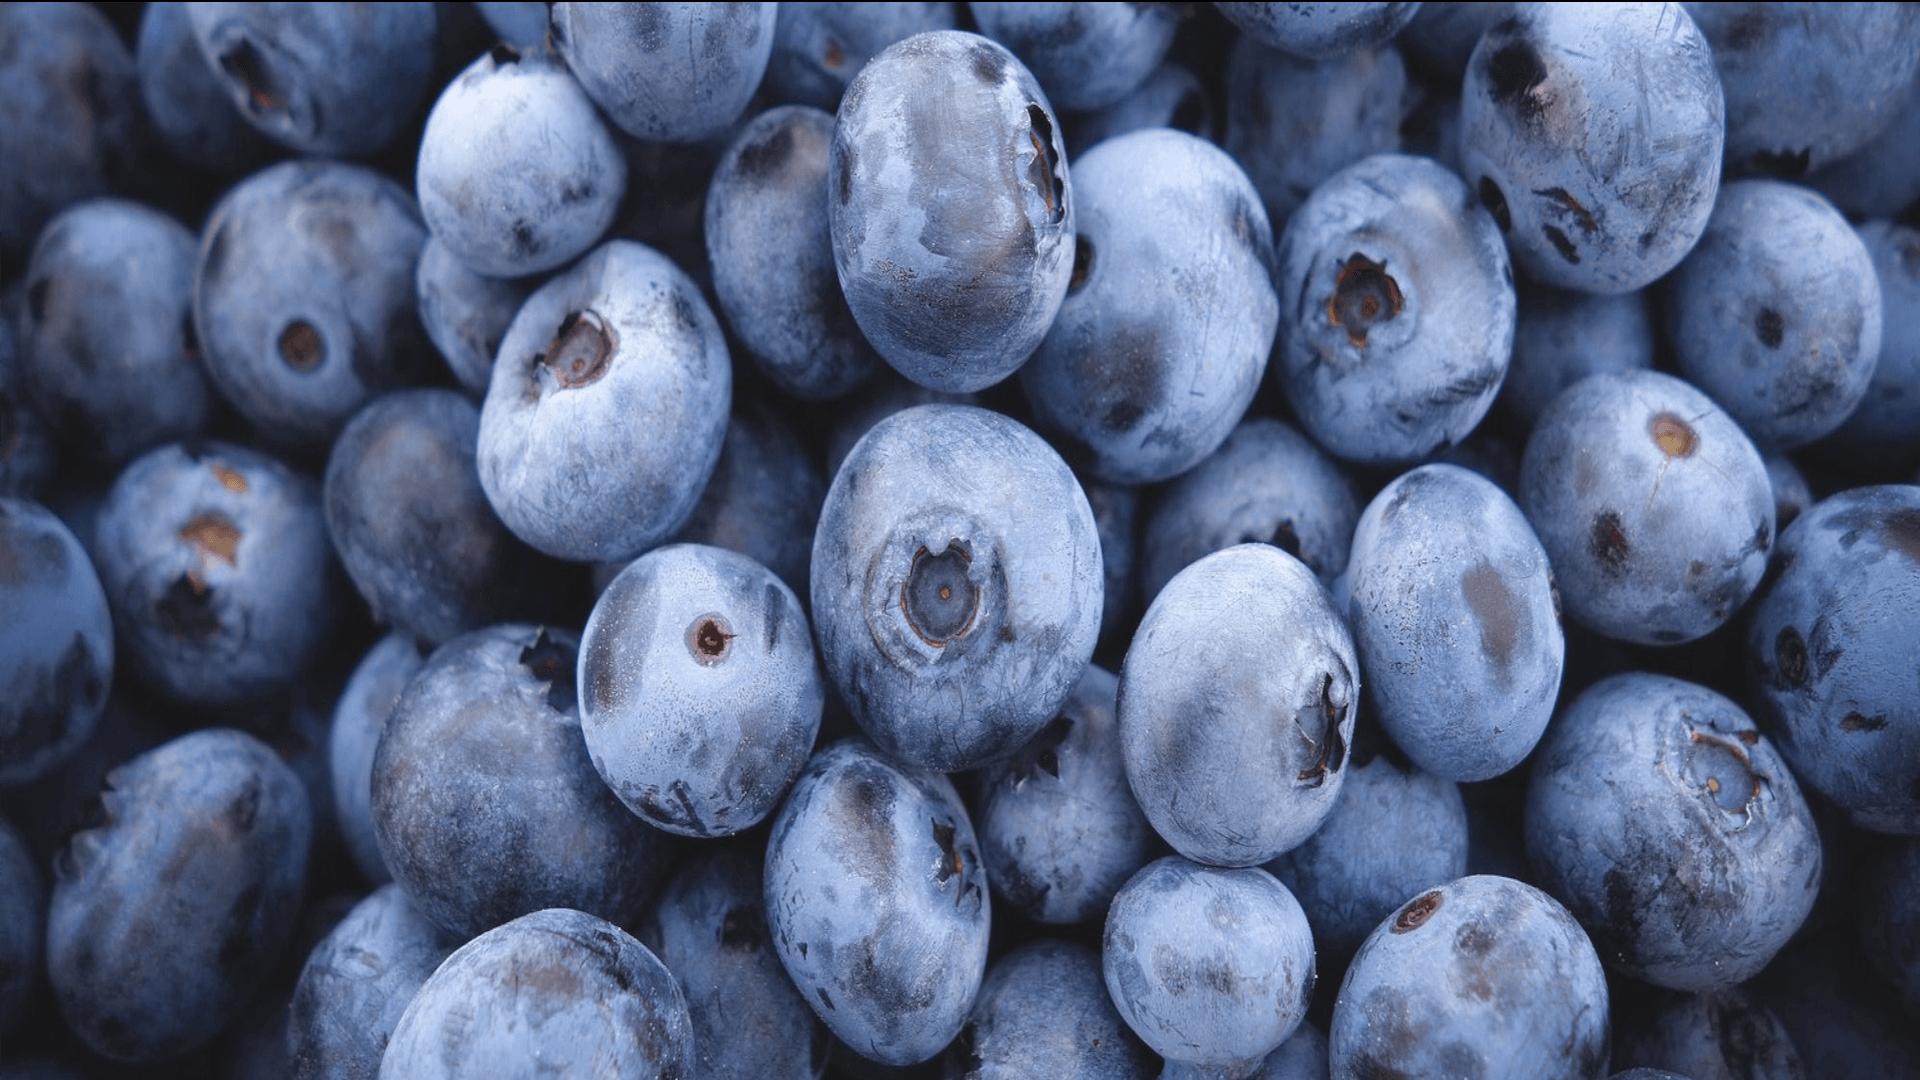 borówki  owoce wspomagające odchudzanie